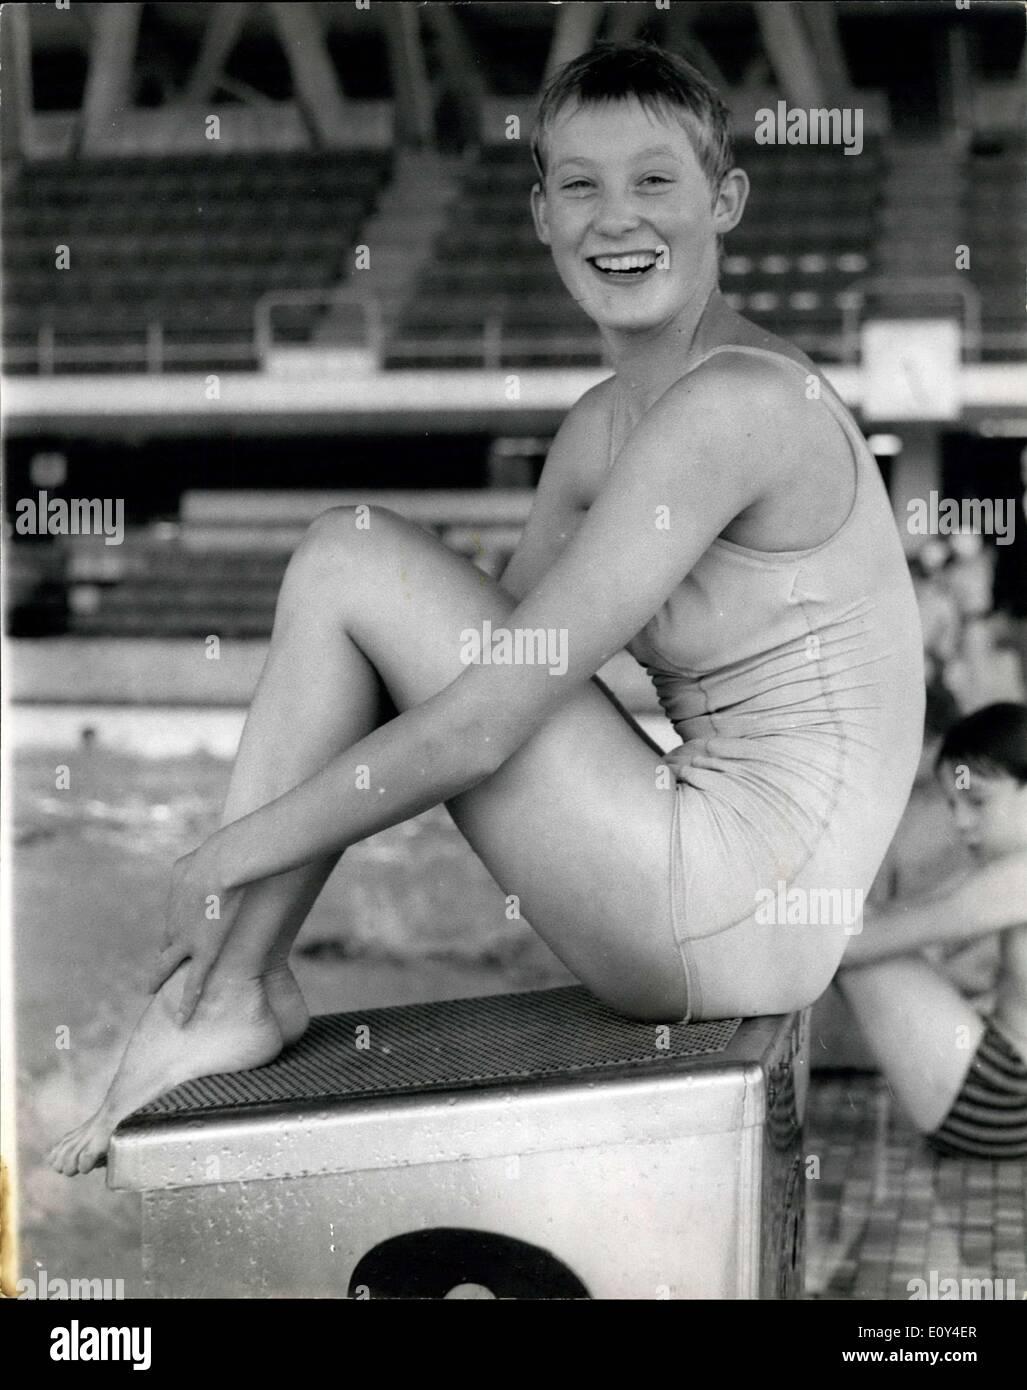 Agosto 02, 1968 - Olympic certeza entrenamiento.: 17 años de edad chica de Chelsea, Sally Davison, la única Imagen De Stock